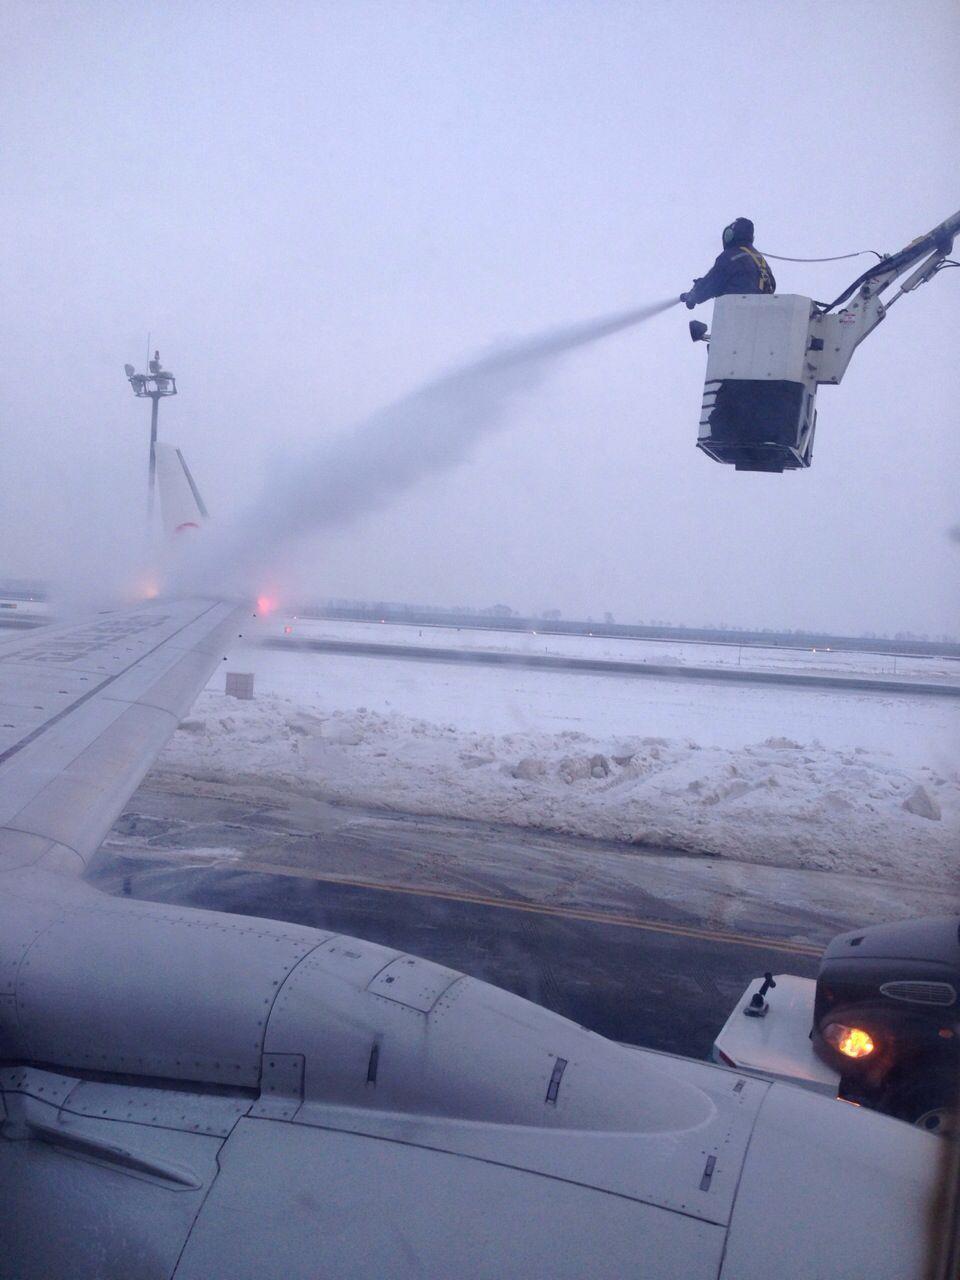 哈尔滨就是这么冷…飞机都被冻住了,除一下冰才能起飞。天冷就是这么任性!